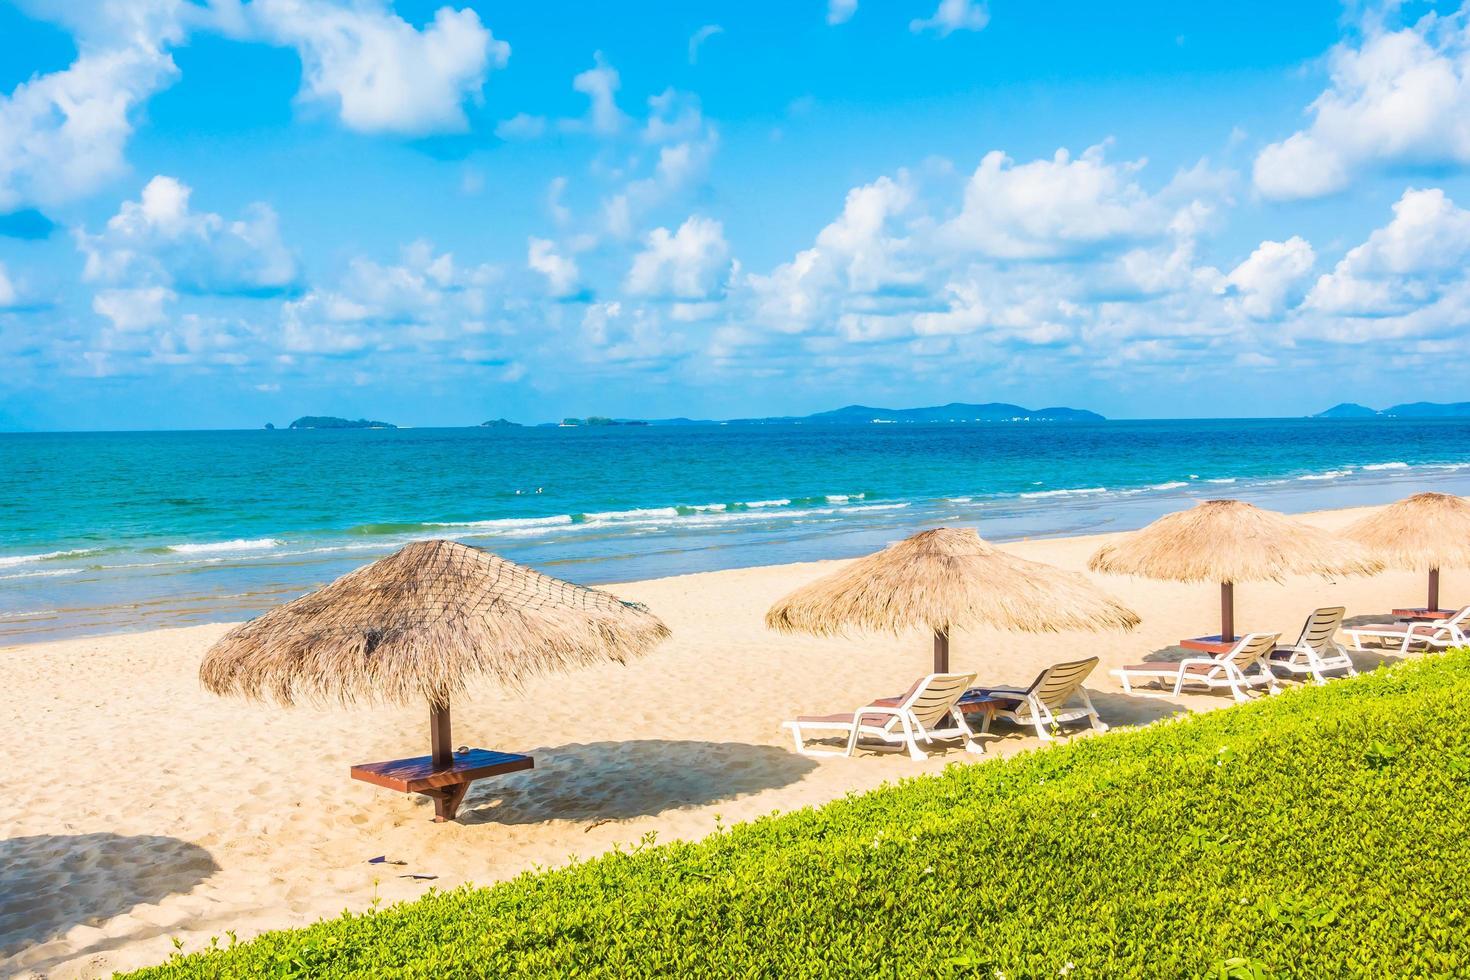 Sonnenschirm und Stuhl am Strand foto